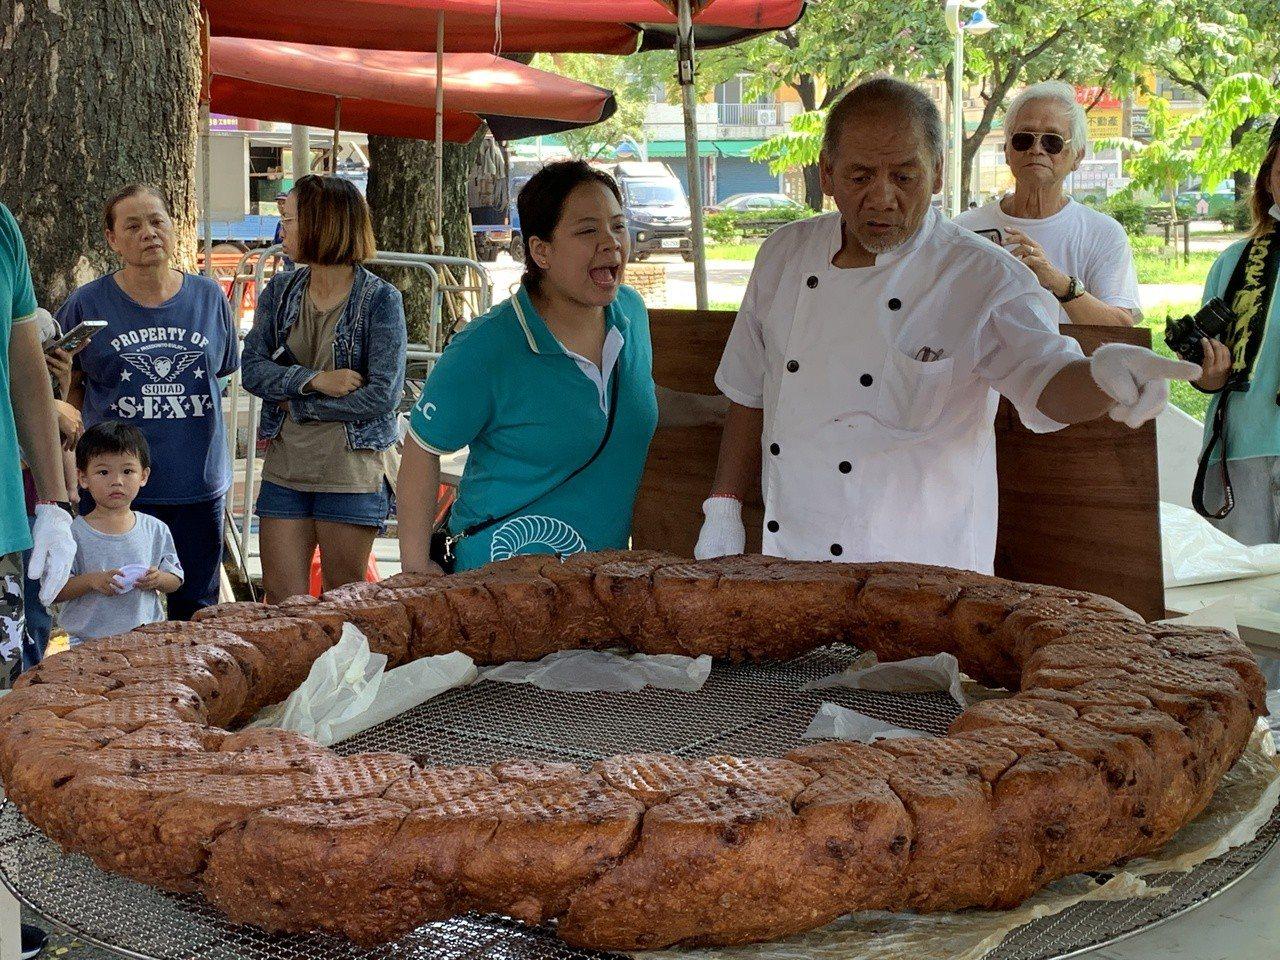 麥順英帶領團隊製作重達30公斤的超大甜甜圈,一起鍋就吸引眾人目光。記者翁禎霞/攝...